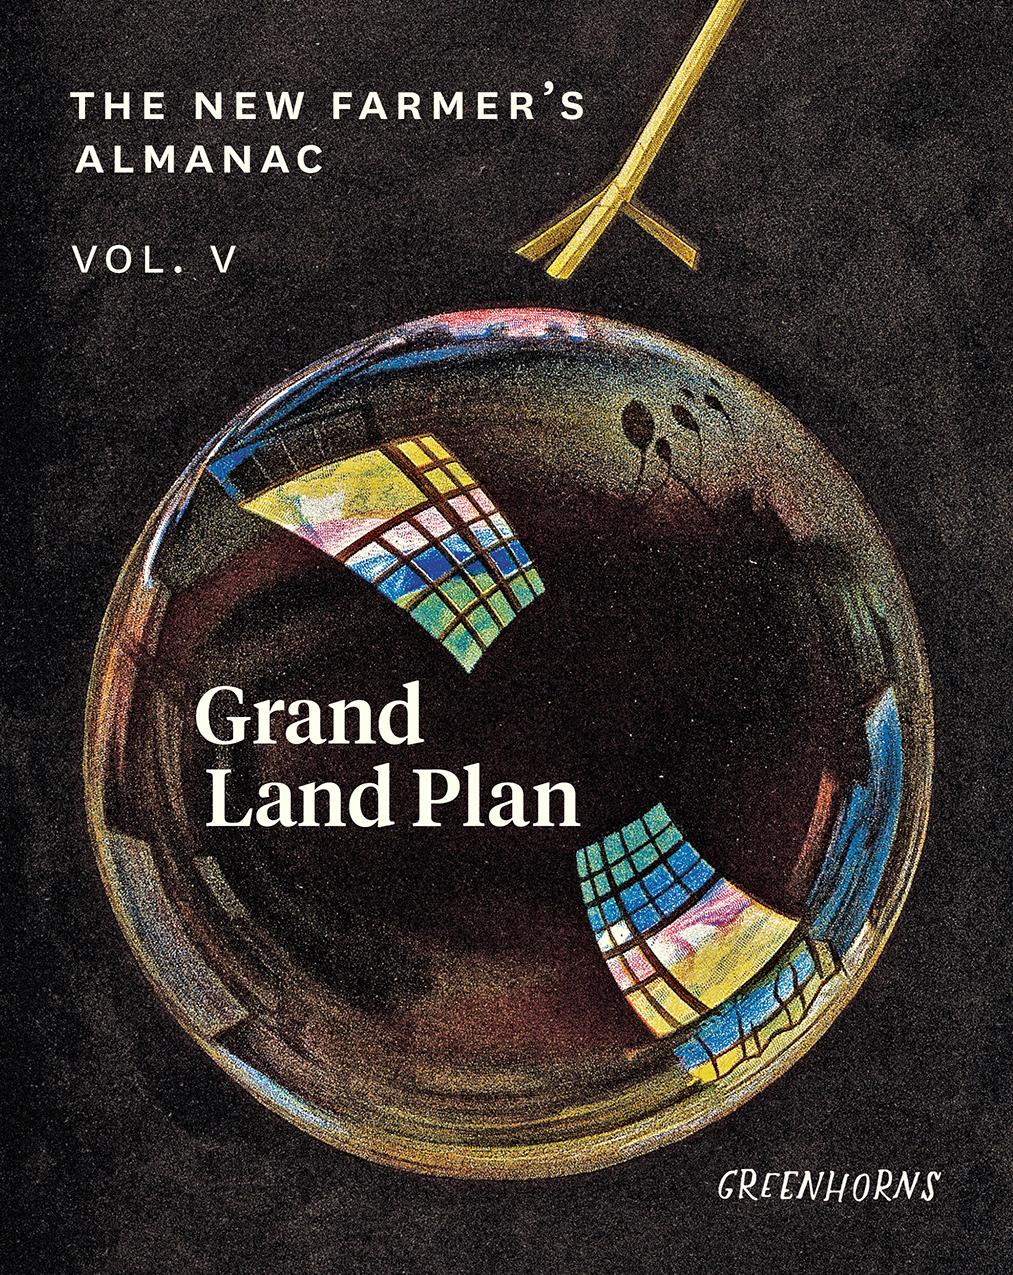 The New Farmer's Almanac, Volume V